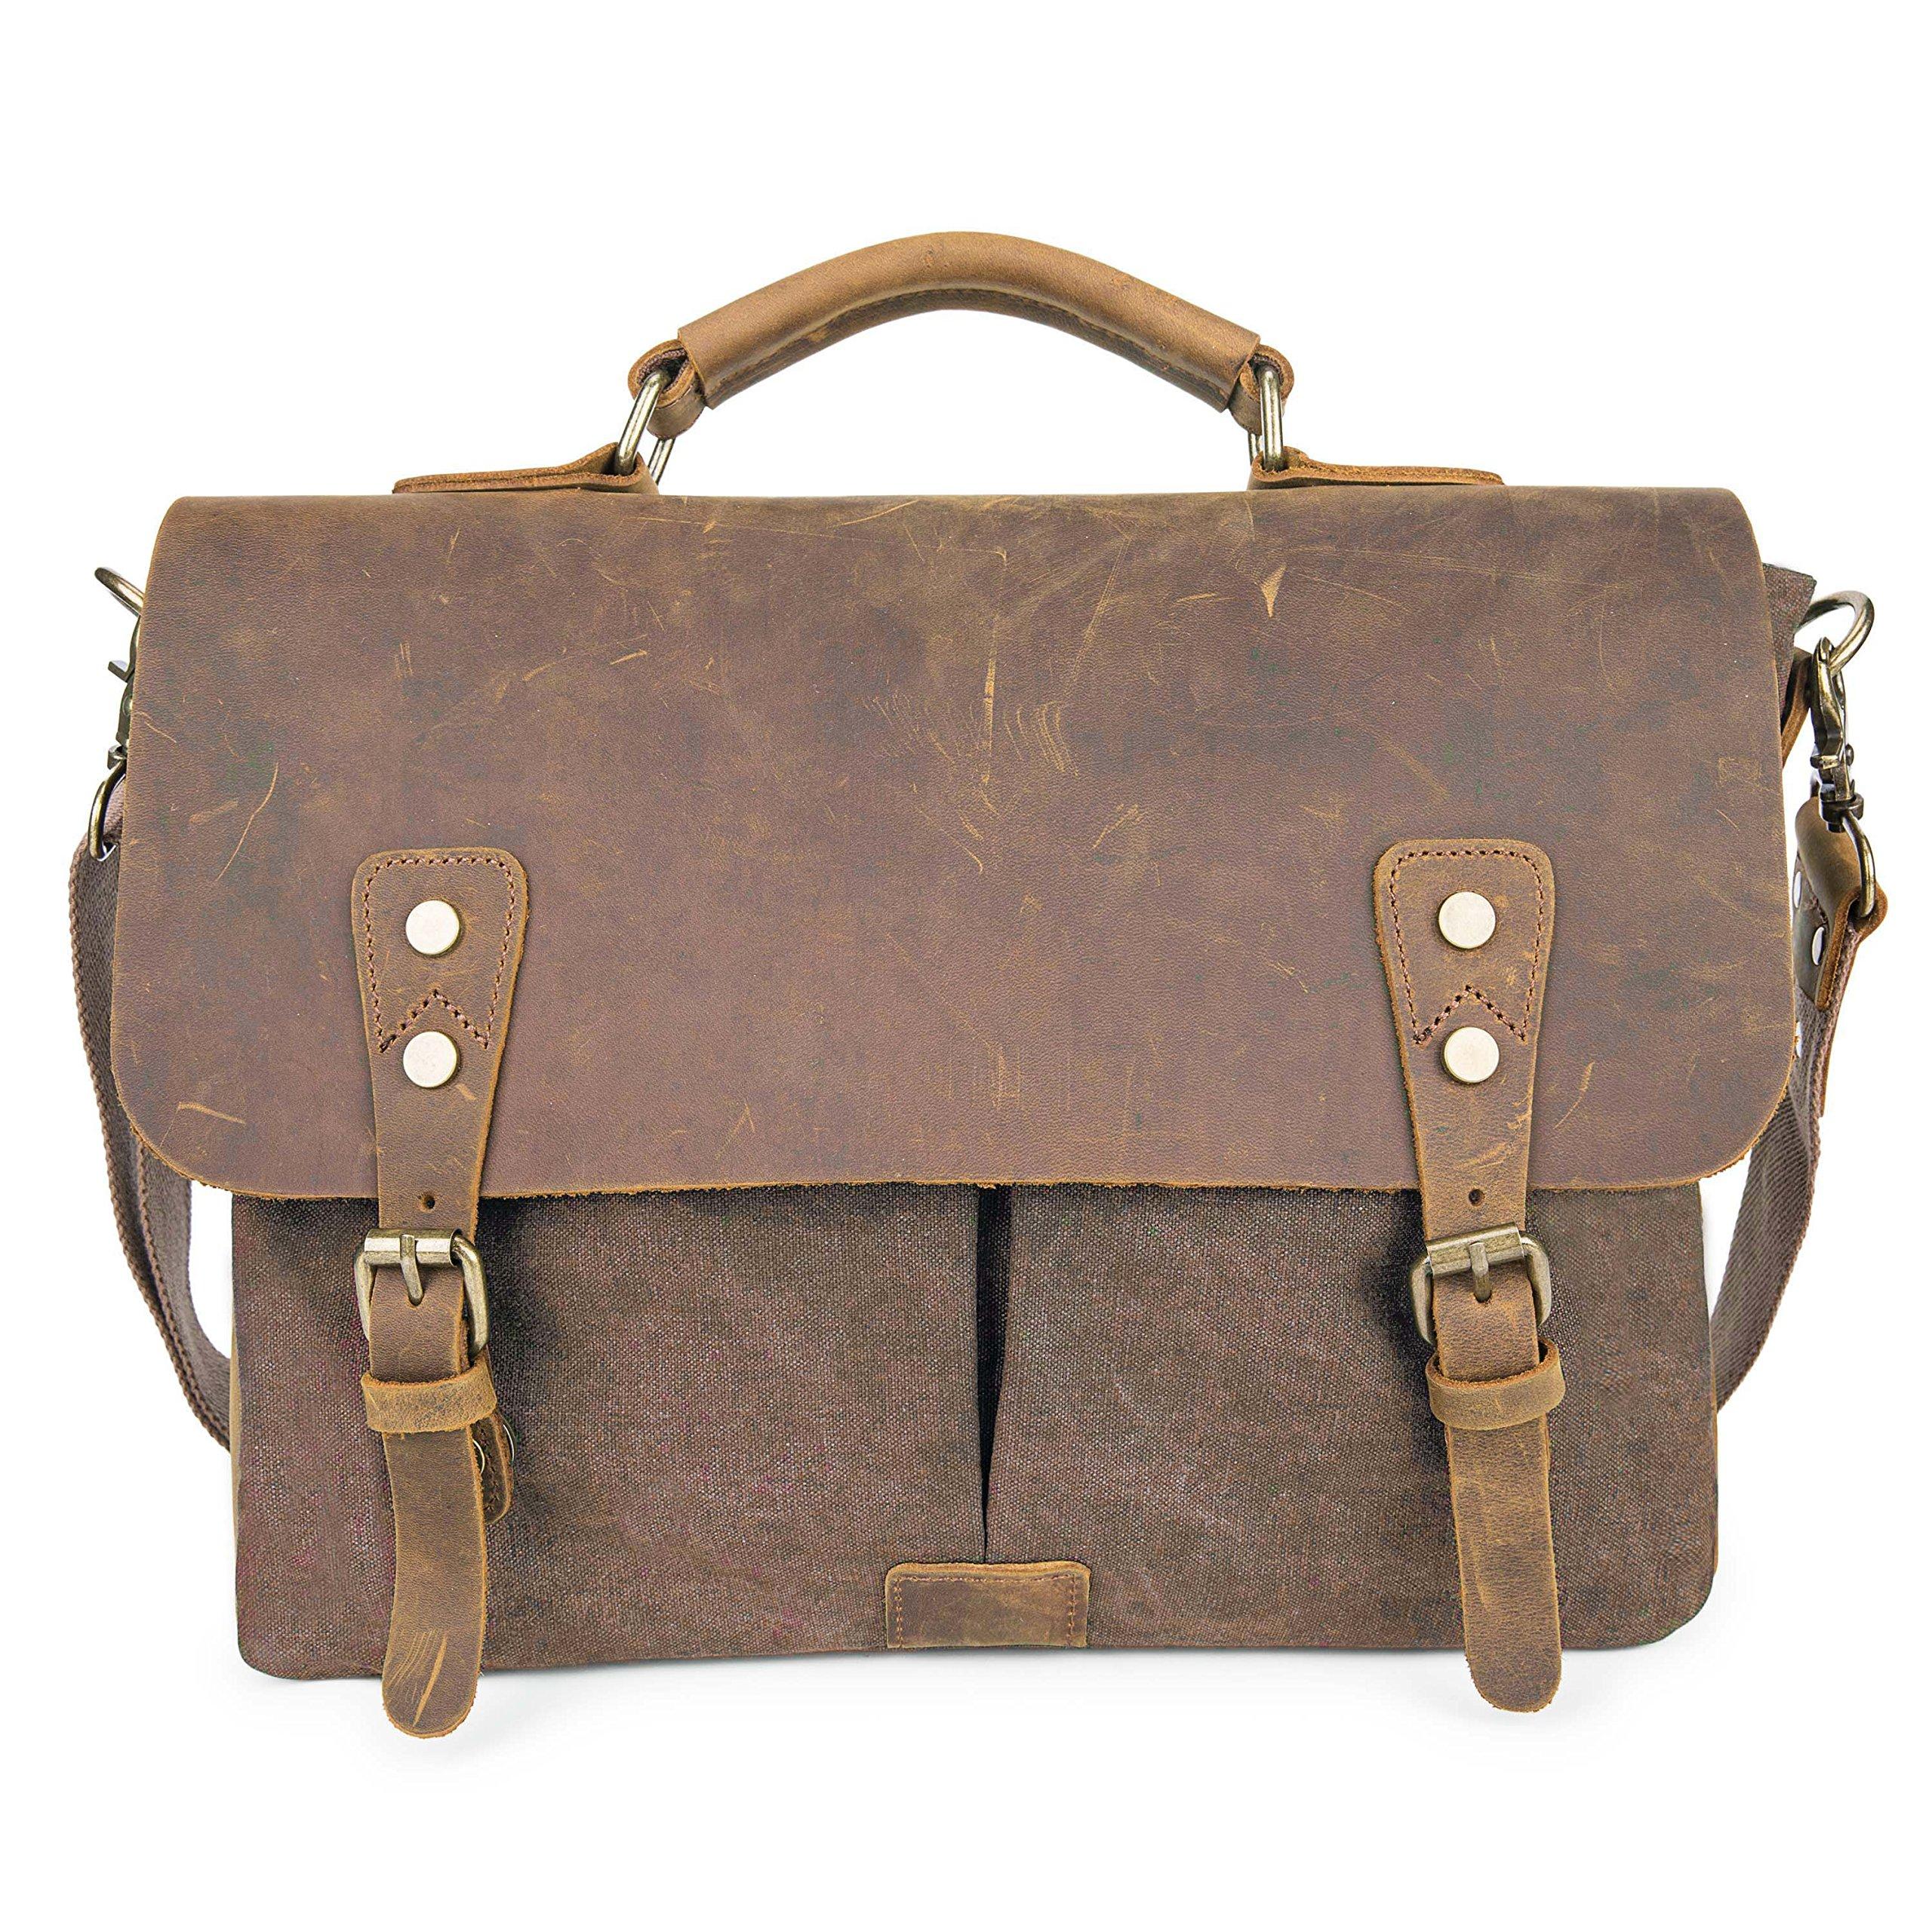 UBORSE Vintage Canvas Messenger Bag Leather Laptop Briefcase Shoulder Handle Bag for Men, Coffee